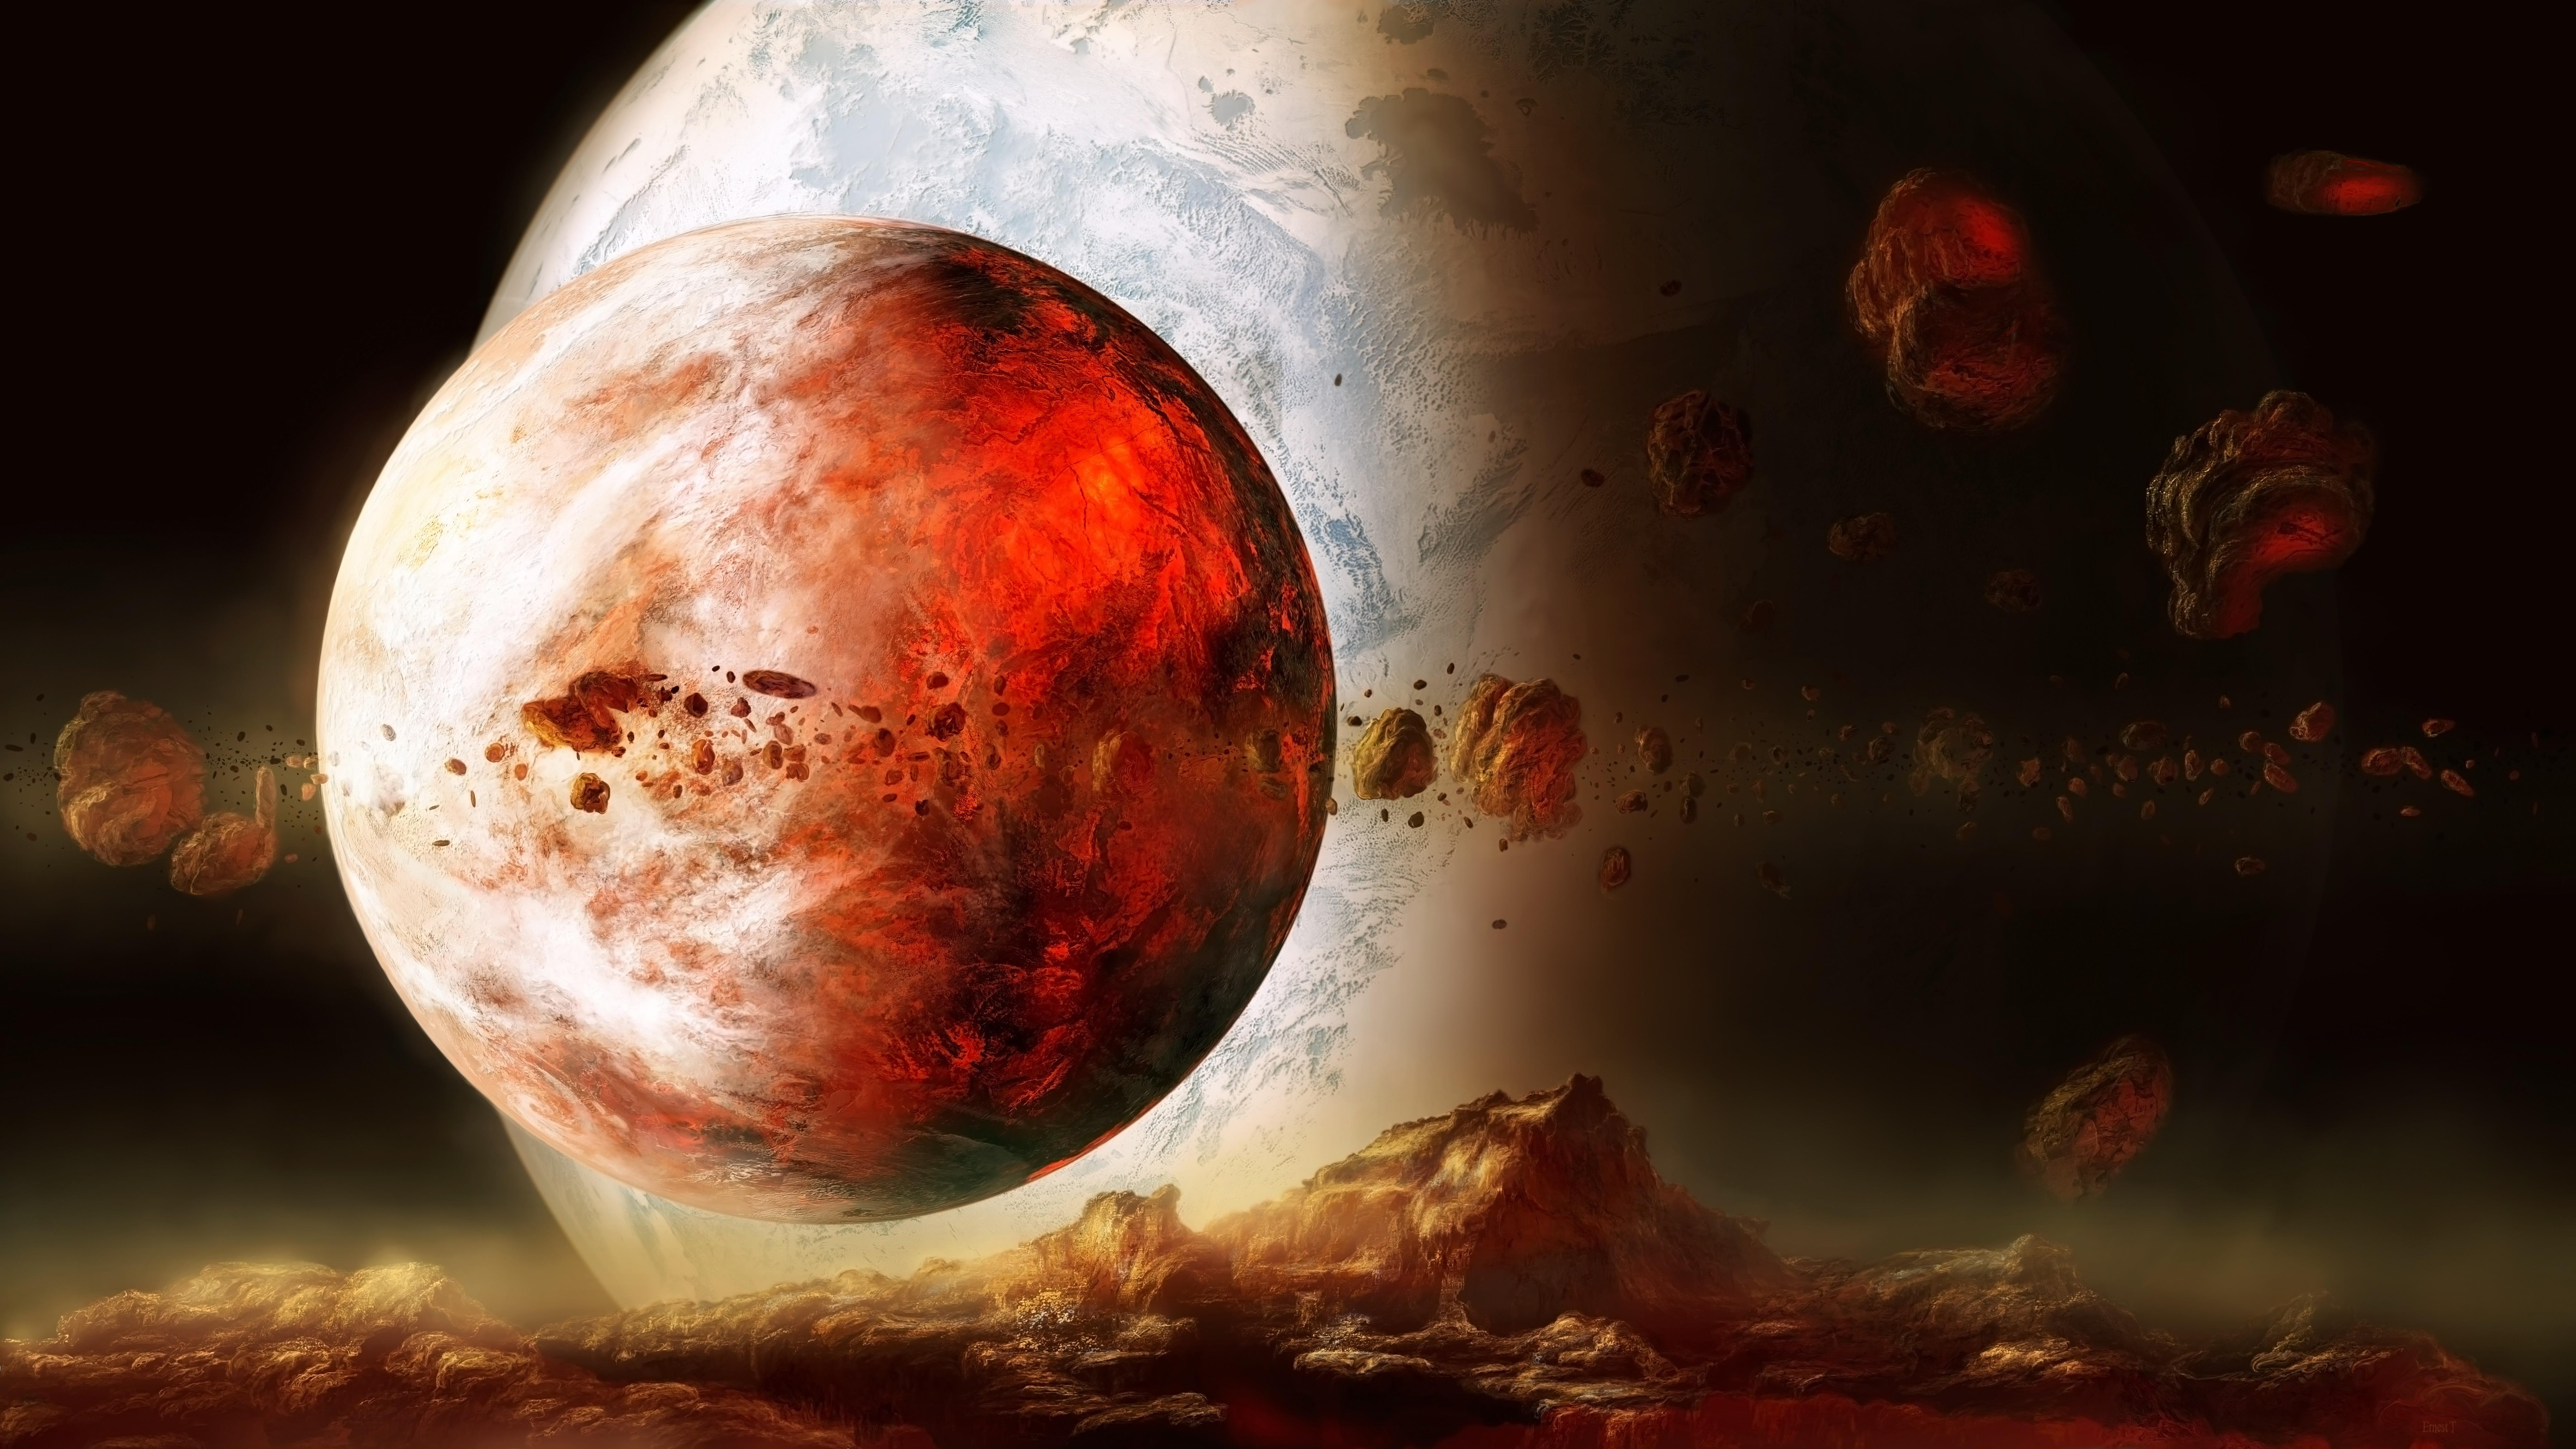 Обои Темная планета картинки на рабочий стол на тему Космос - скачать  № 1763127 бесплатно